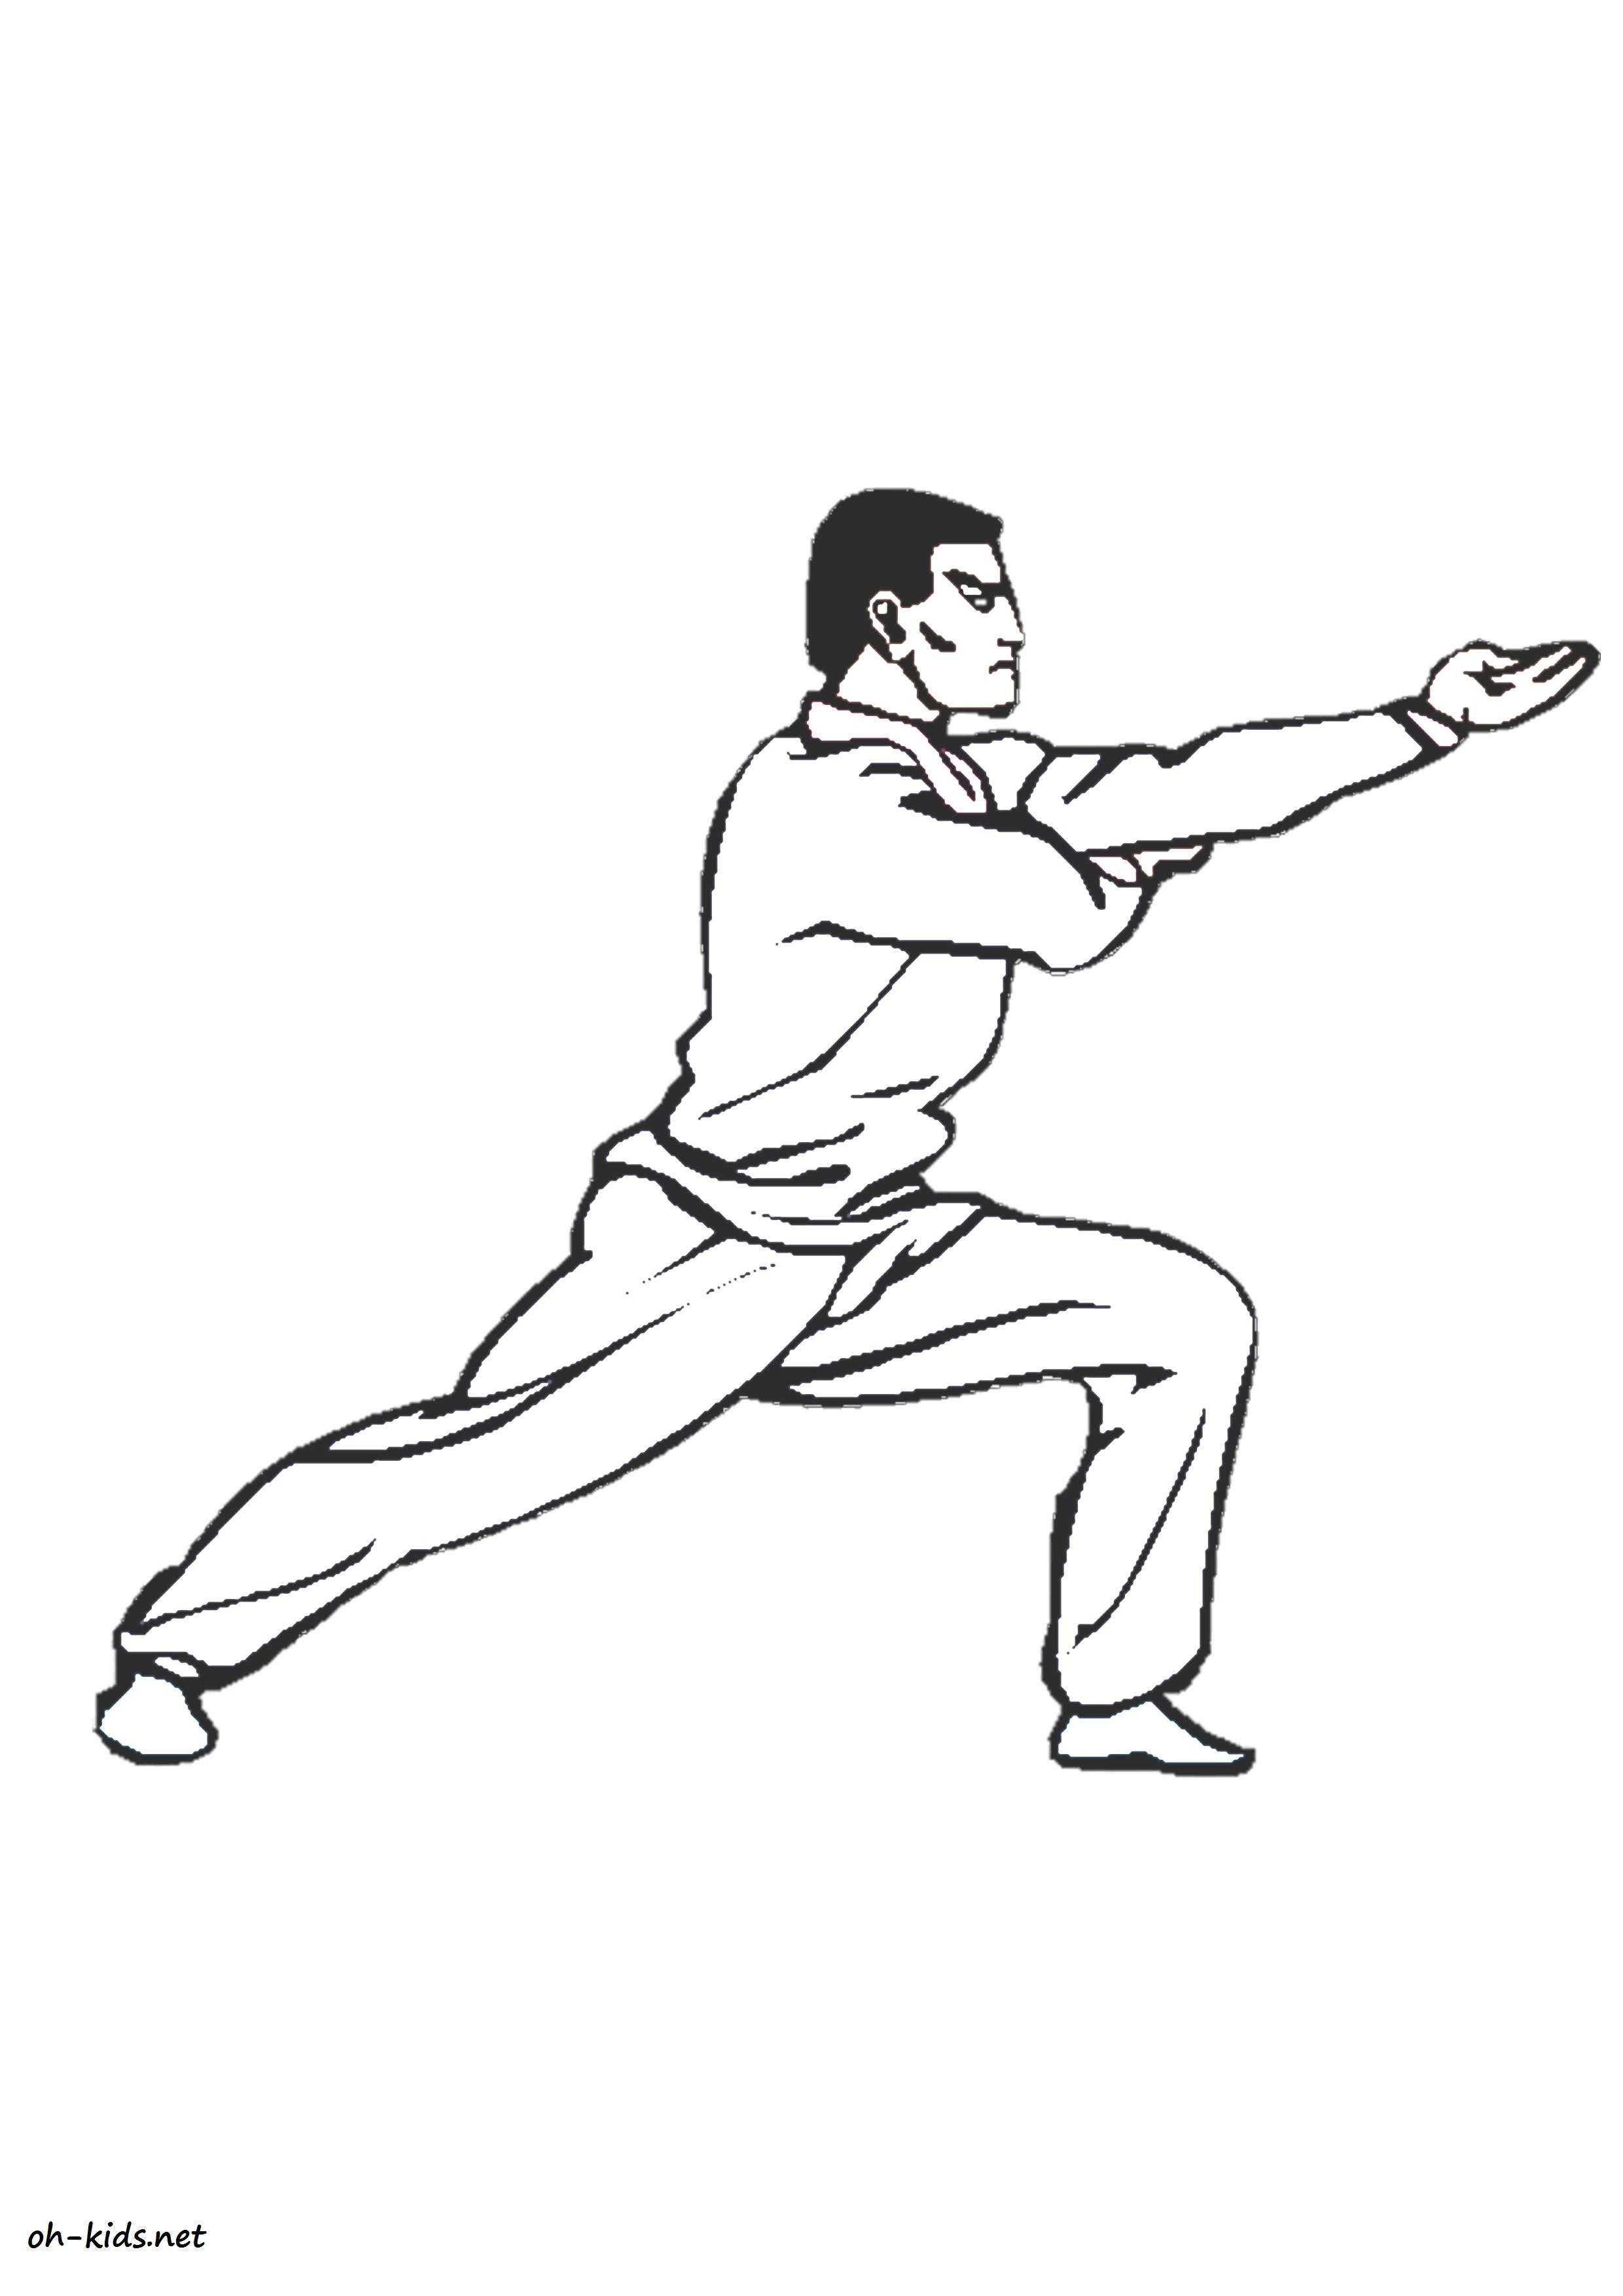 Dessin de judo a imprimer - Dessin #1387